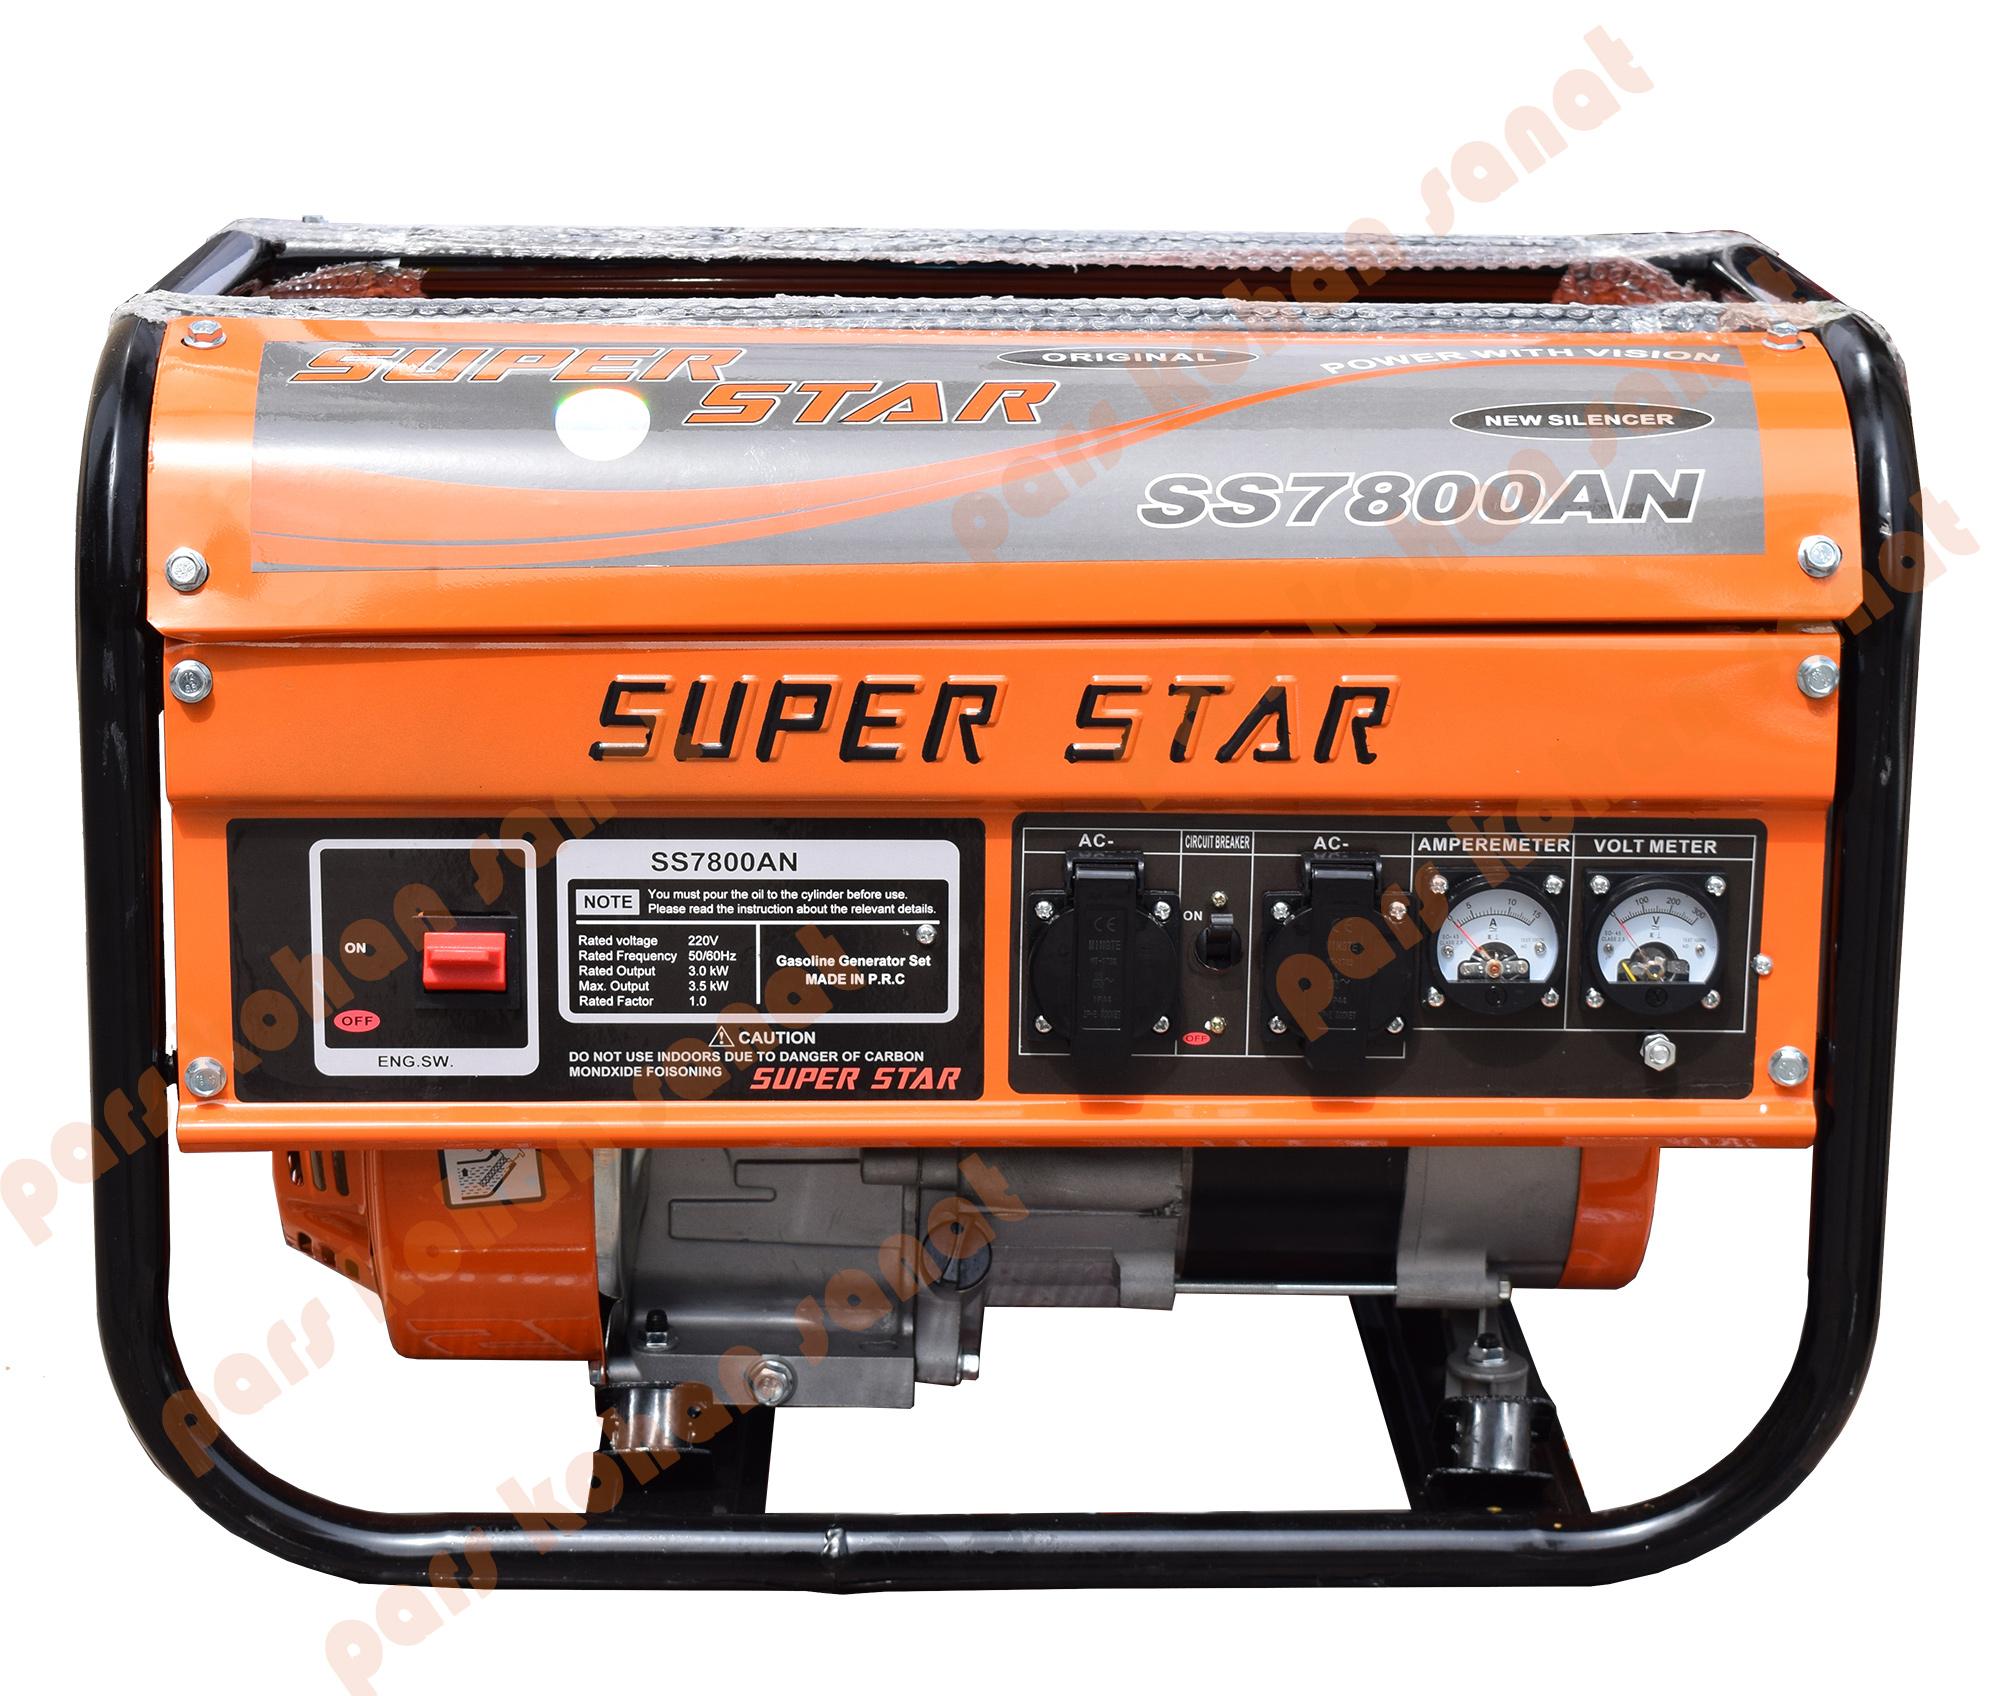 موتوربرق بنزینی سوپراستارSS7800AN